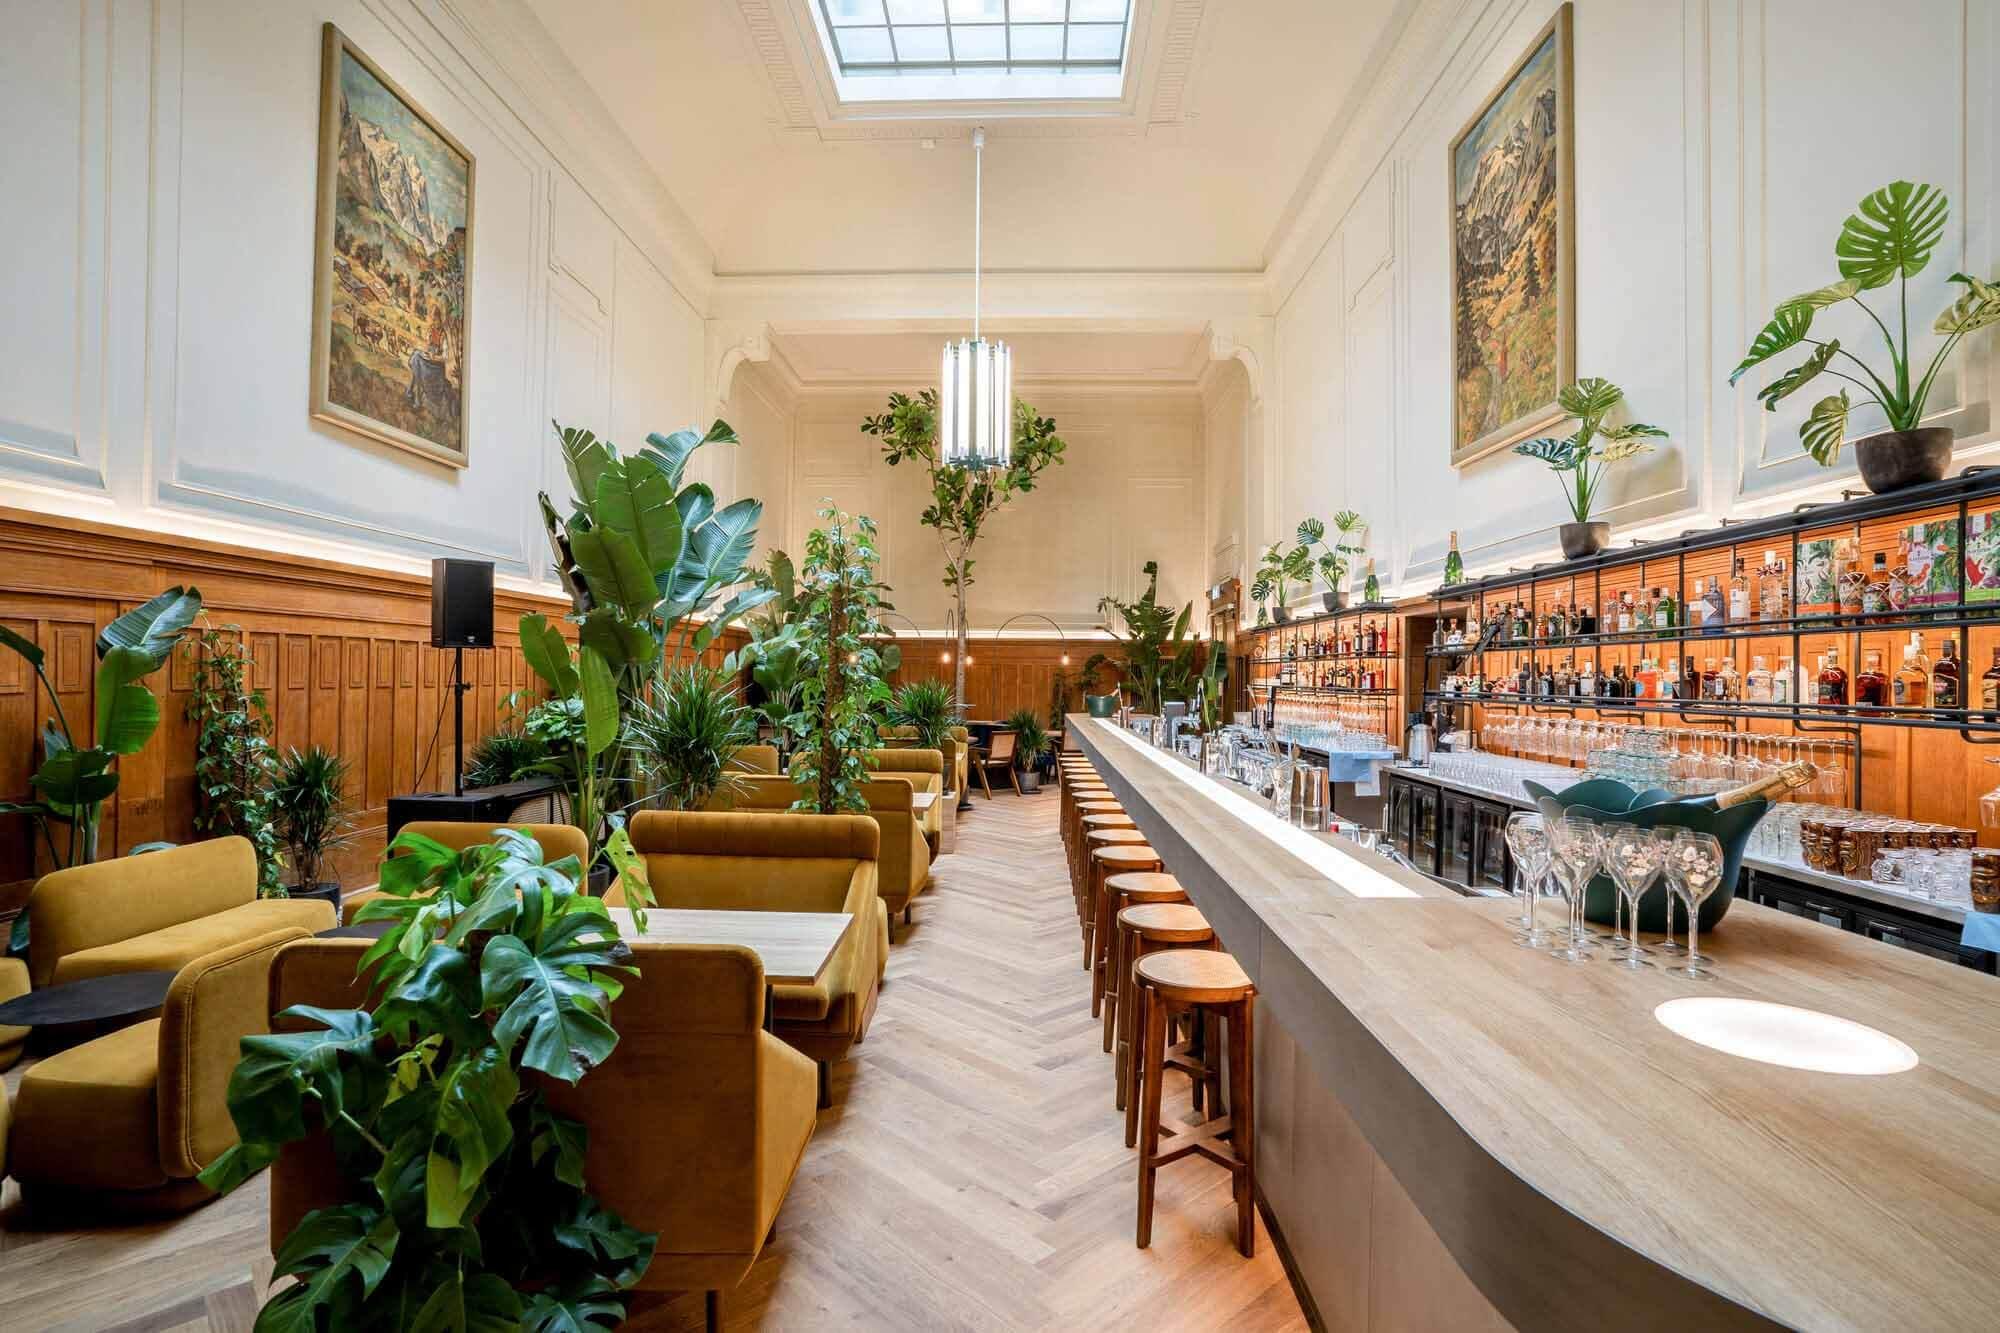 Ресторан Lora / Foeldvary Staehelin